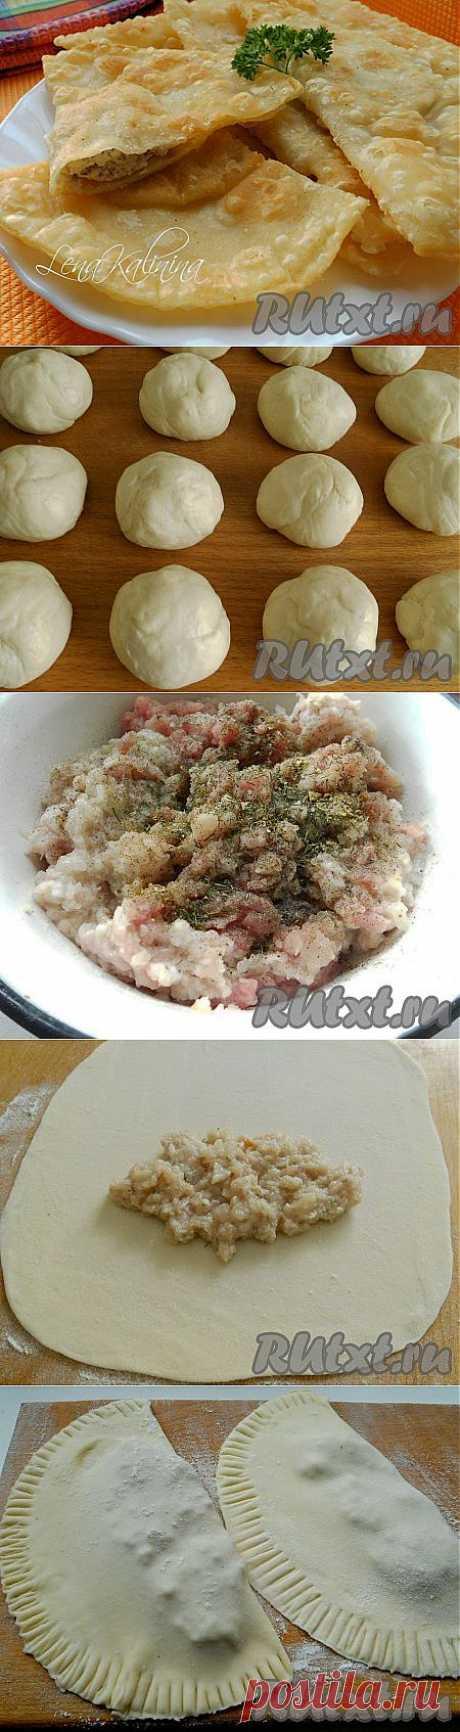 Самые вкусные чебуреки (рецепт с фото) | RUtxt.ru